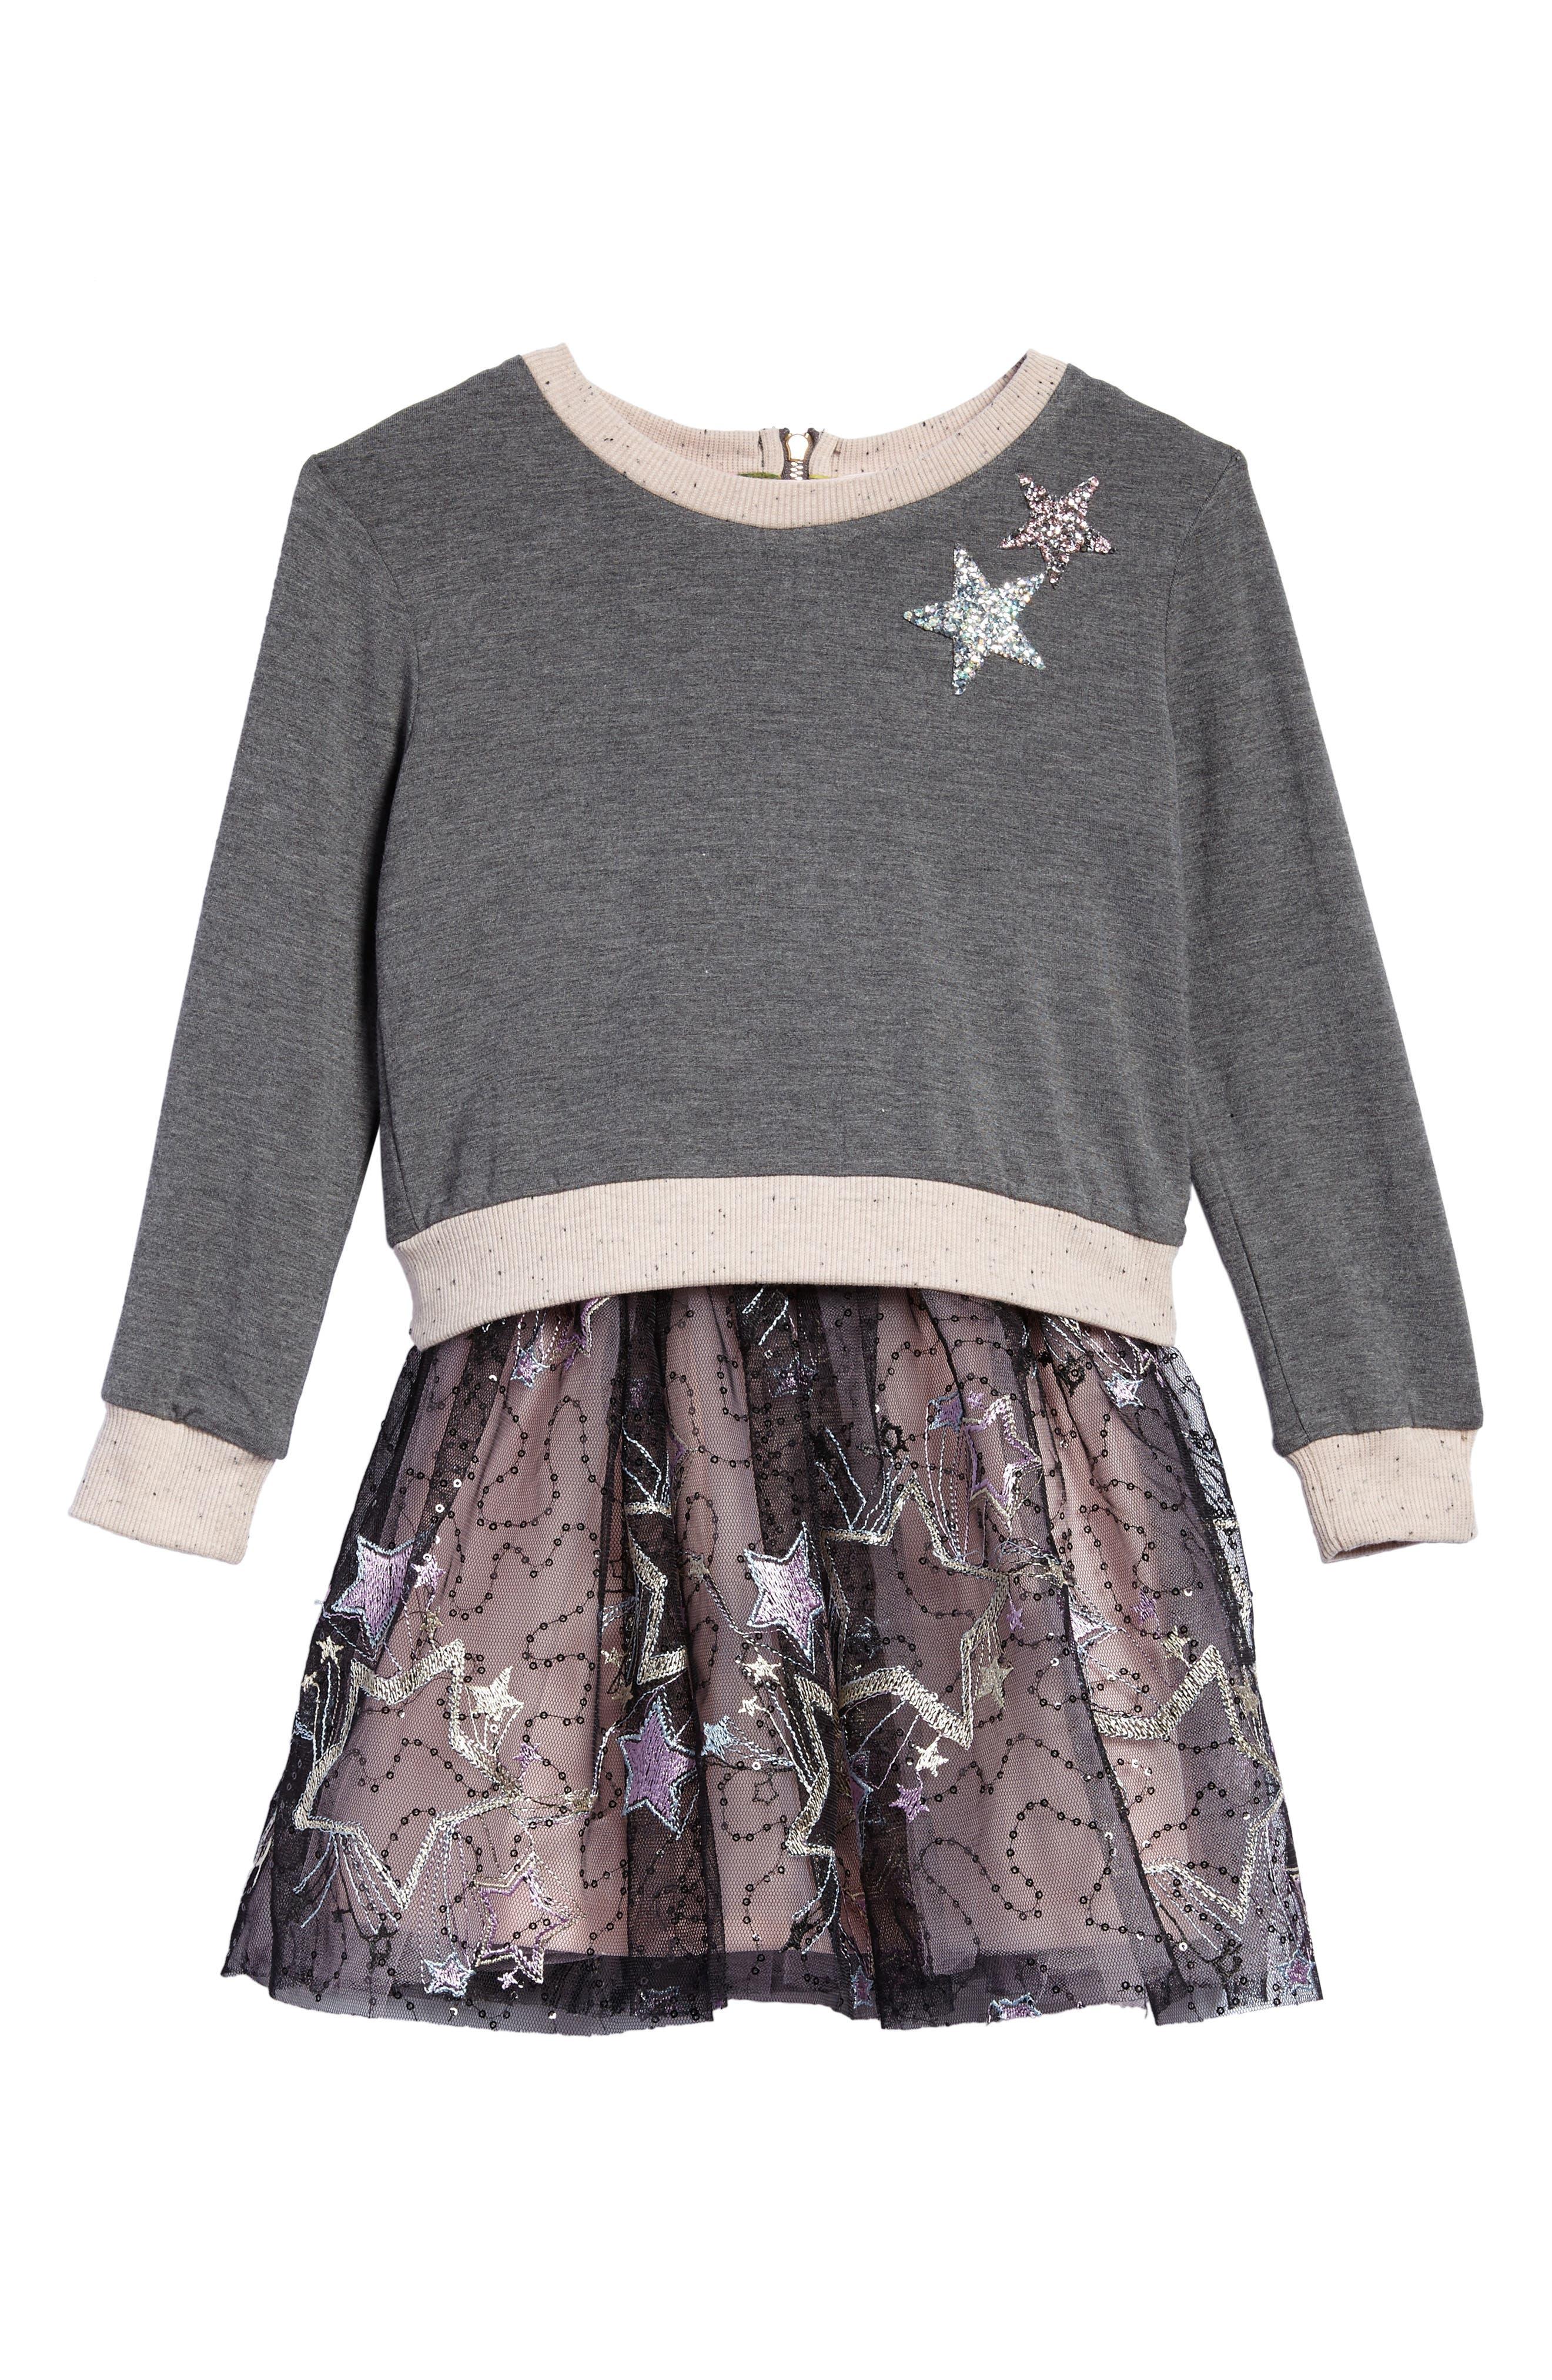 Main Image - Truly Me Sweatshirt & Tutu Dress Set (Toddler Girls & Little Girls)